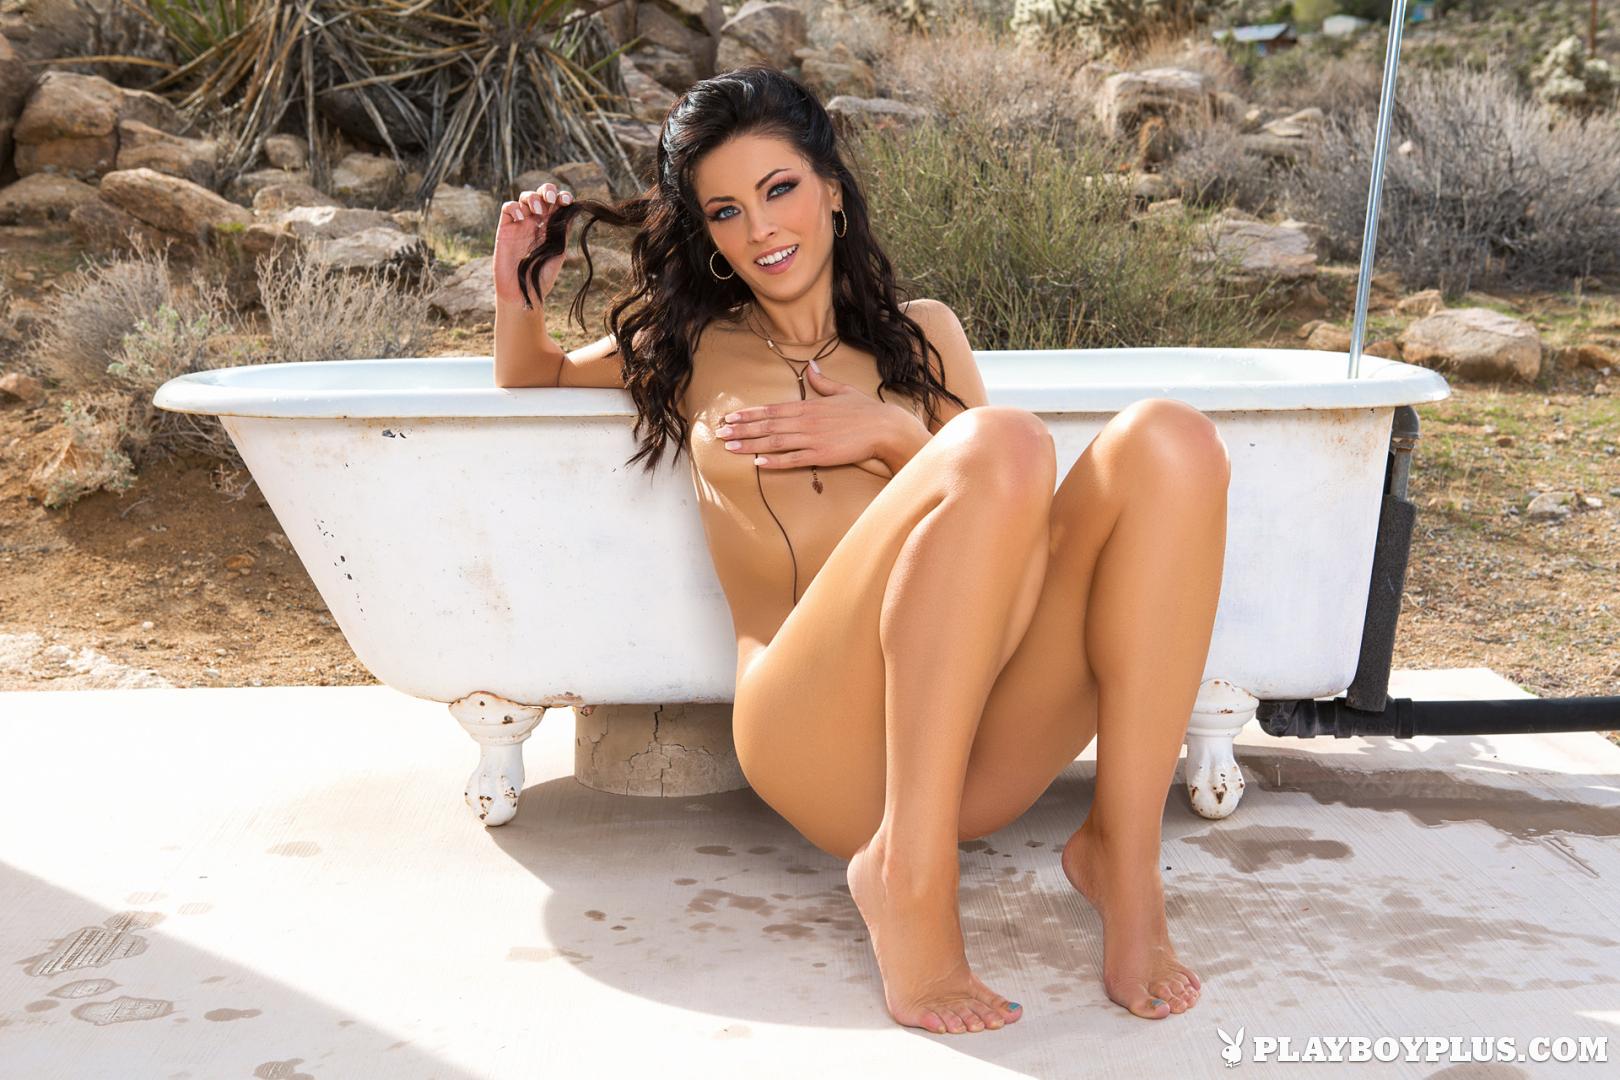 Playboy Cybergirl - Darah Kay takes a bath outside